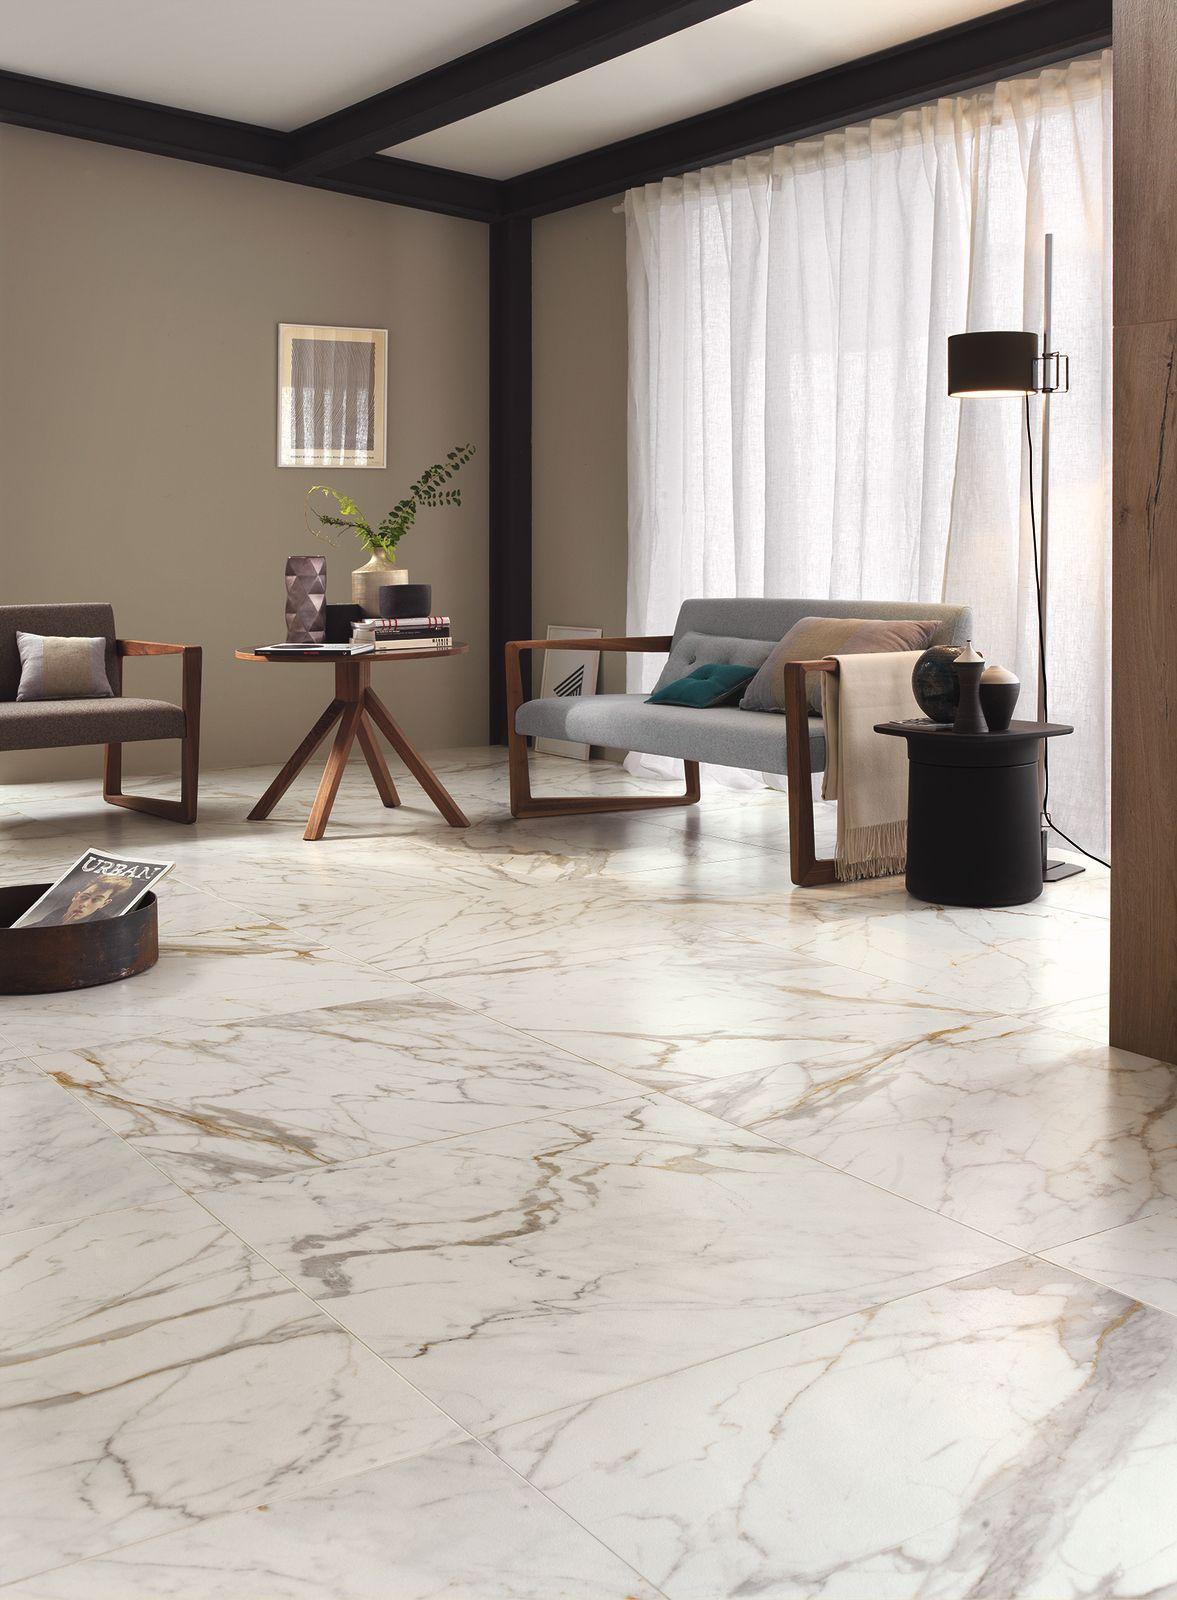 BISTROT Flooring by Ragno